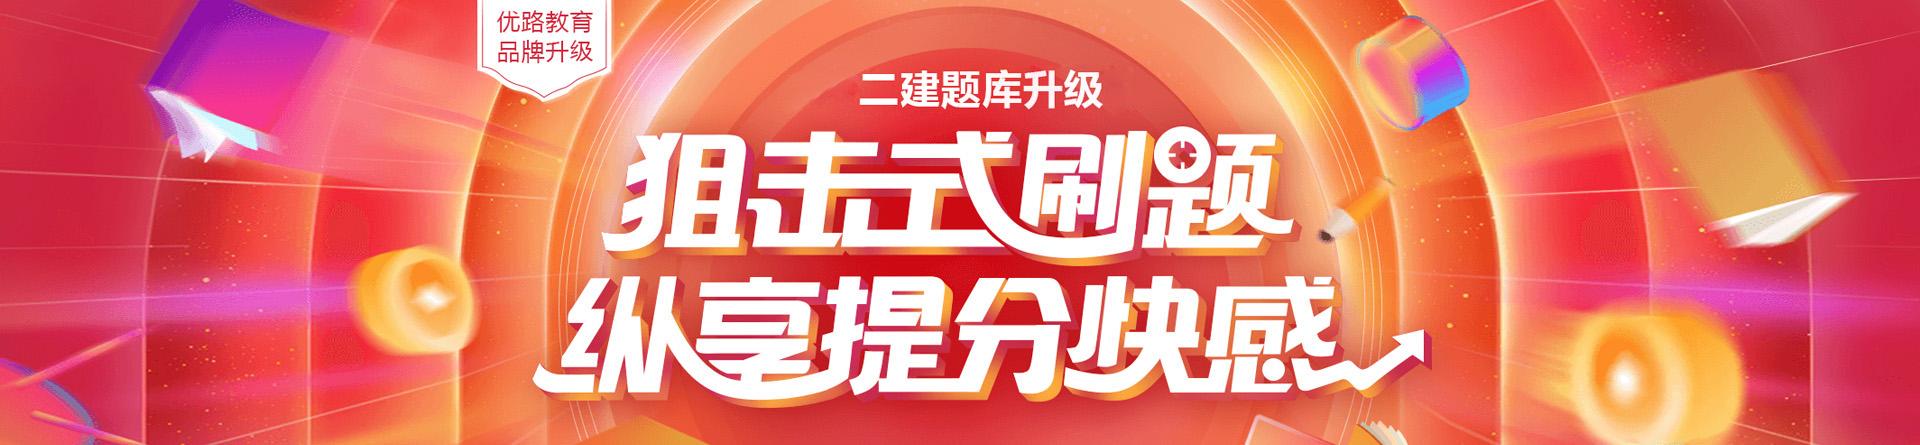 浙江杭州优路教育培训学校